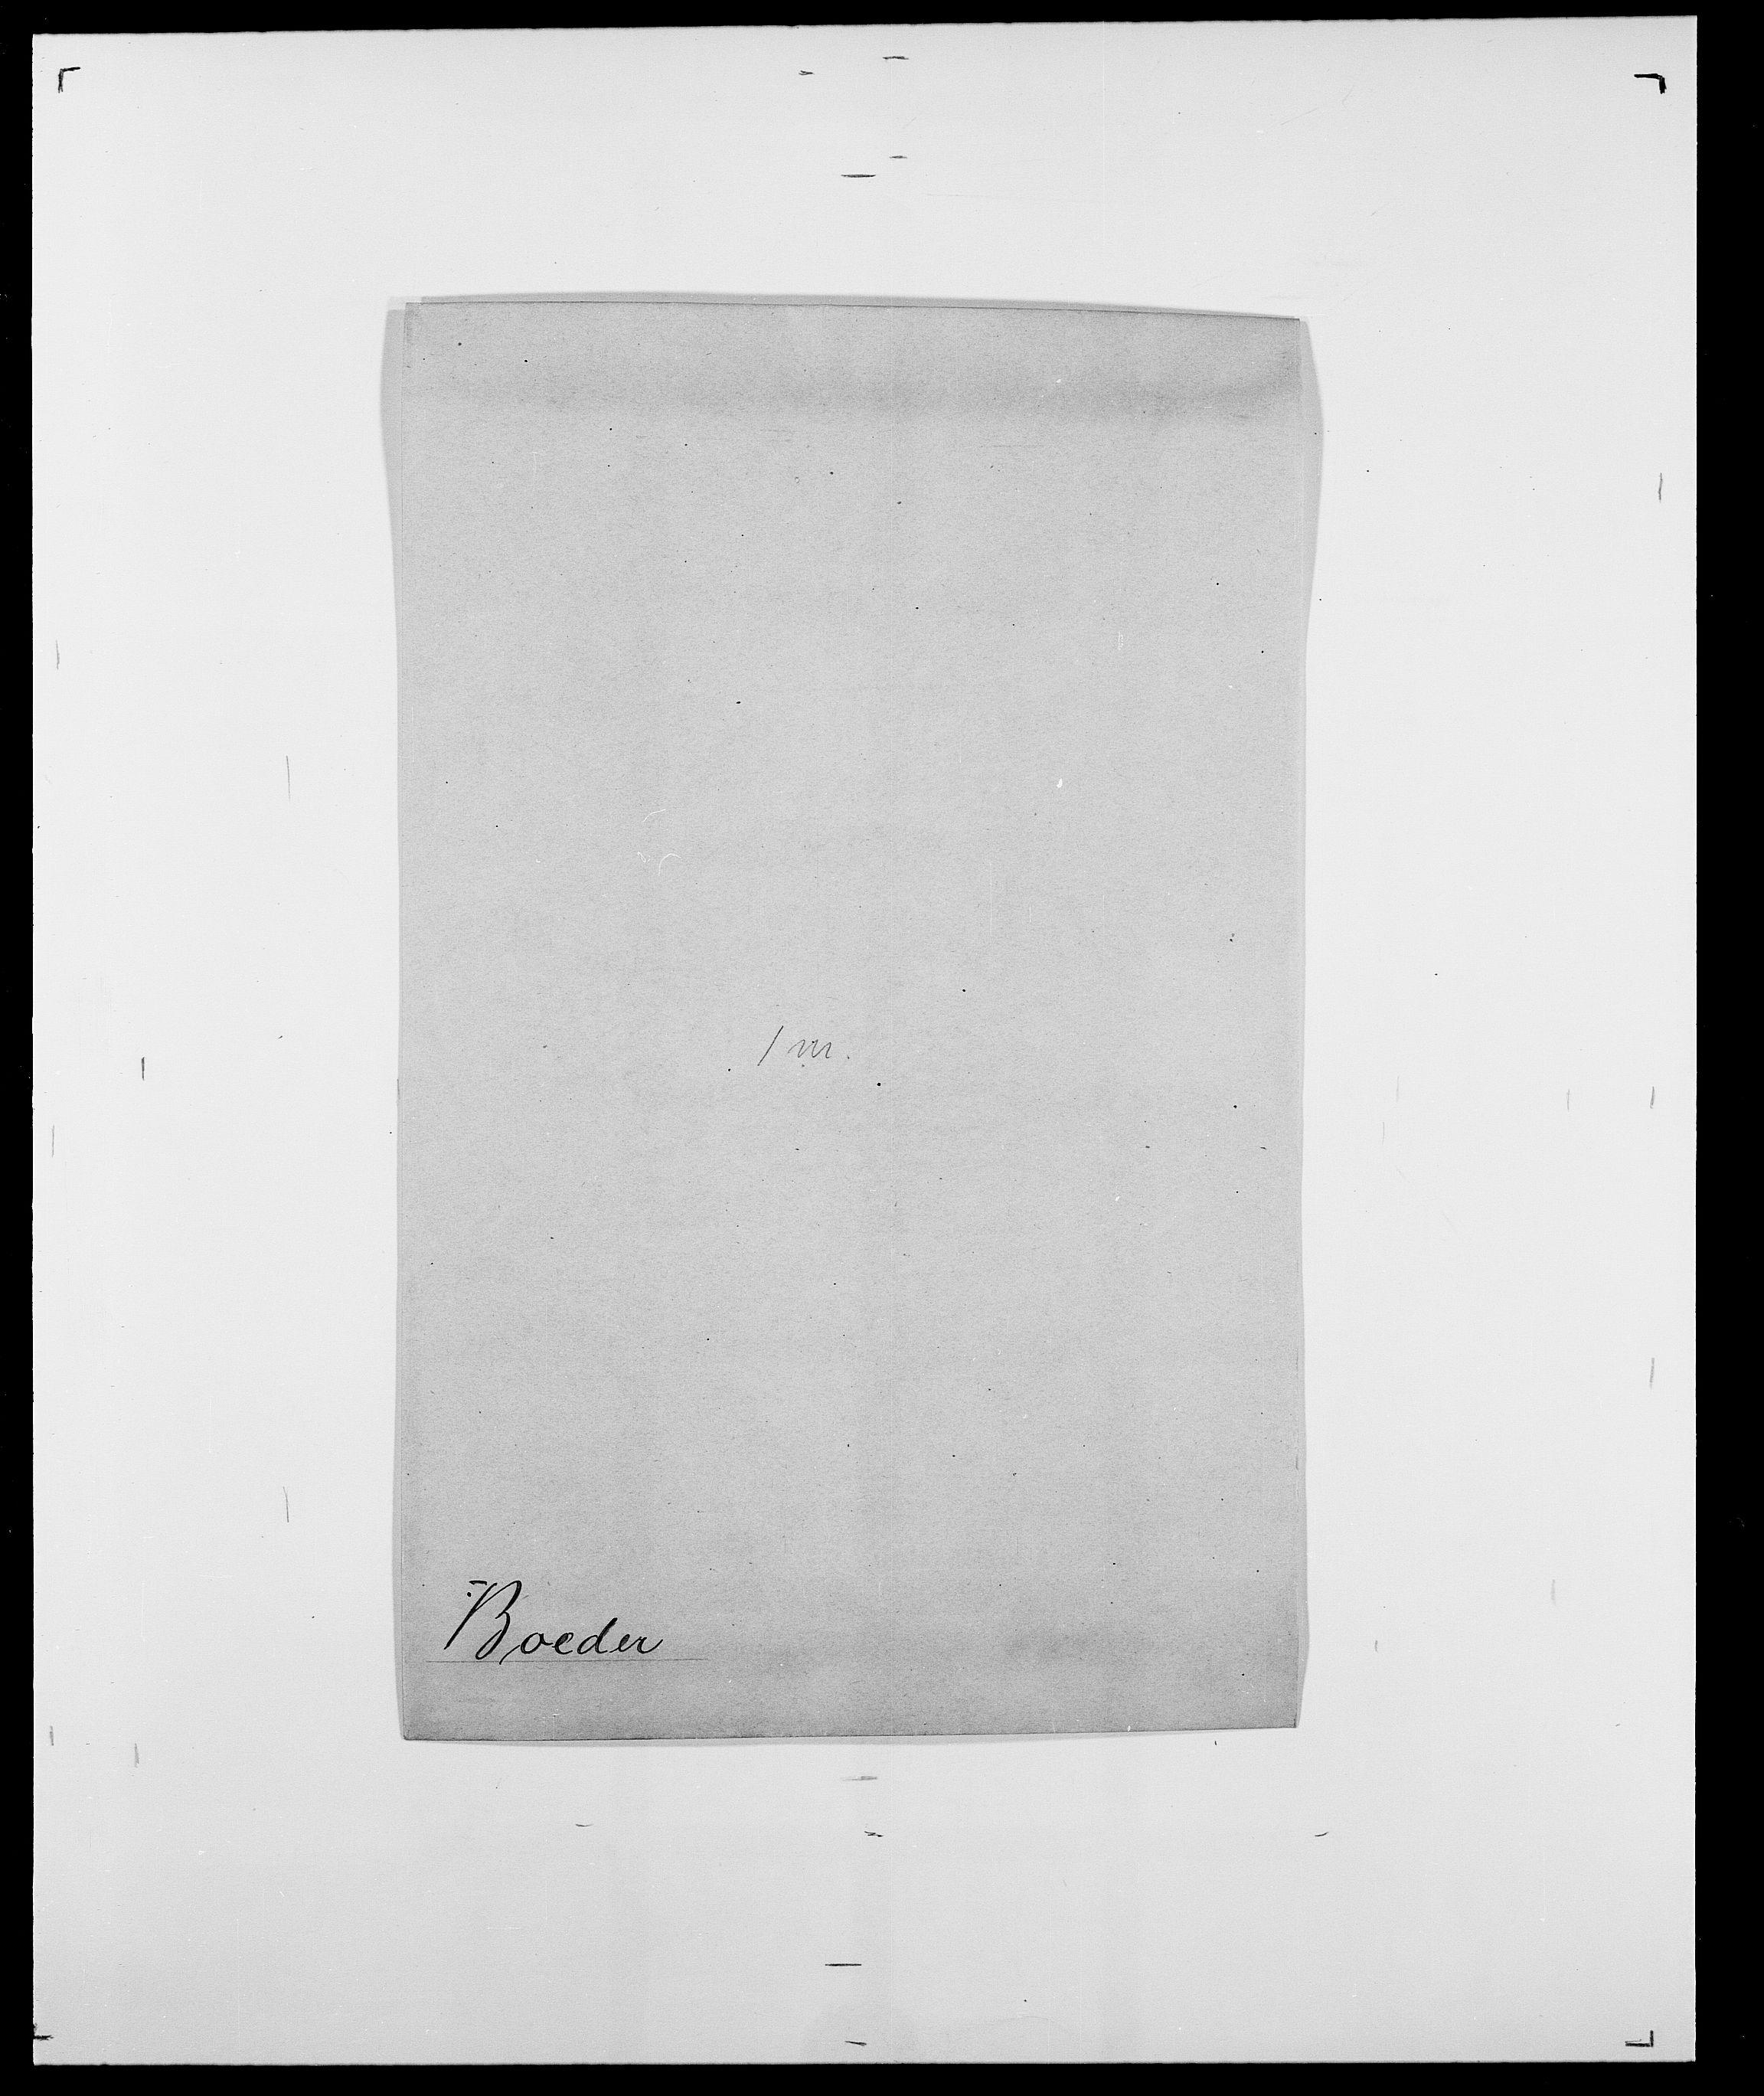 SAO, Delgobe, Charles Antoine - samling, D/Da/L0005: Boalth - Brahm, s. 49